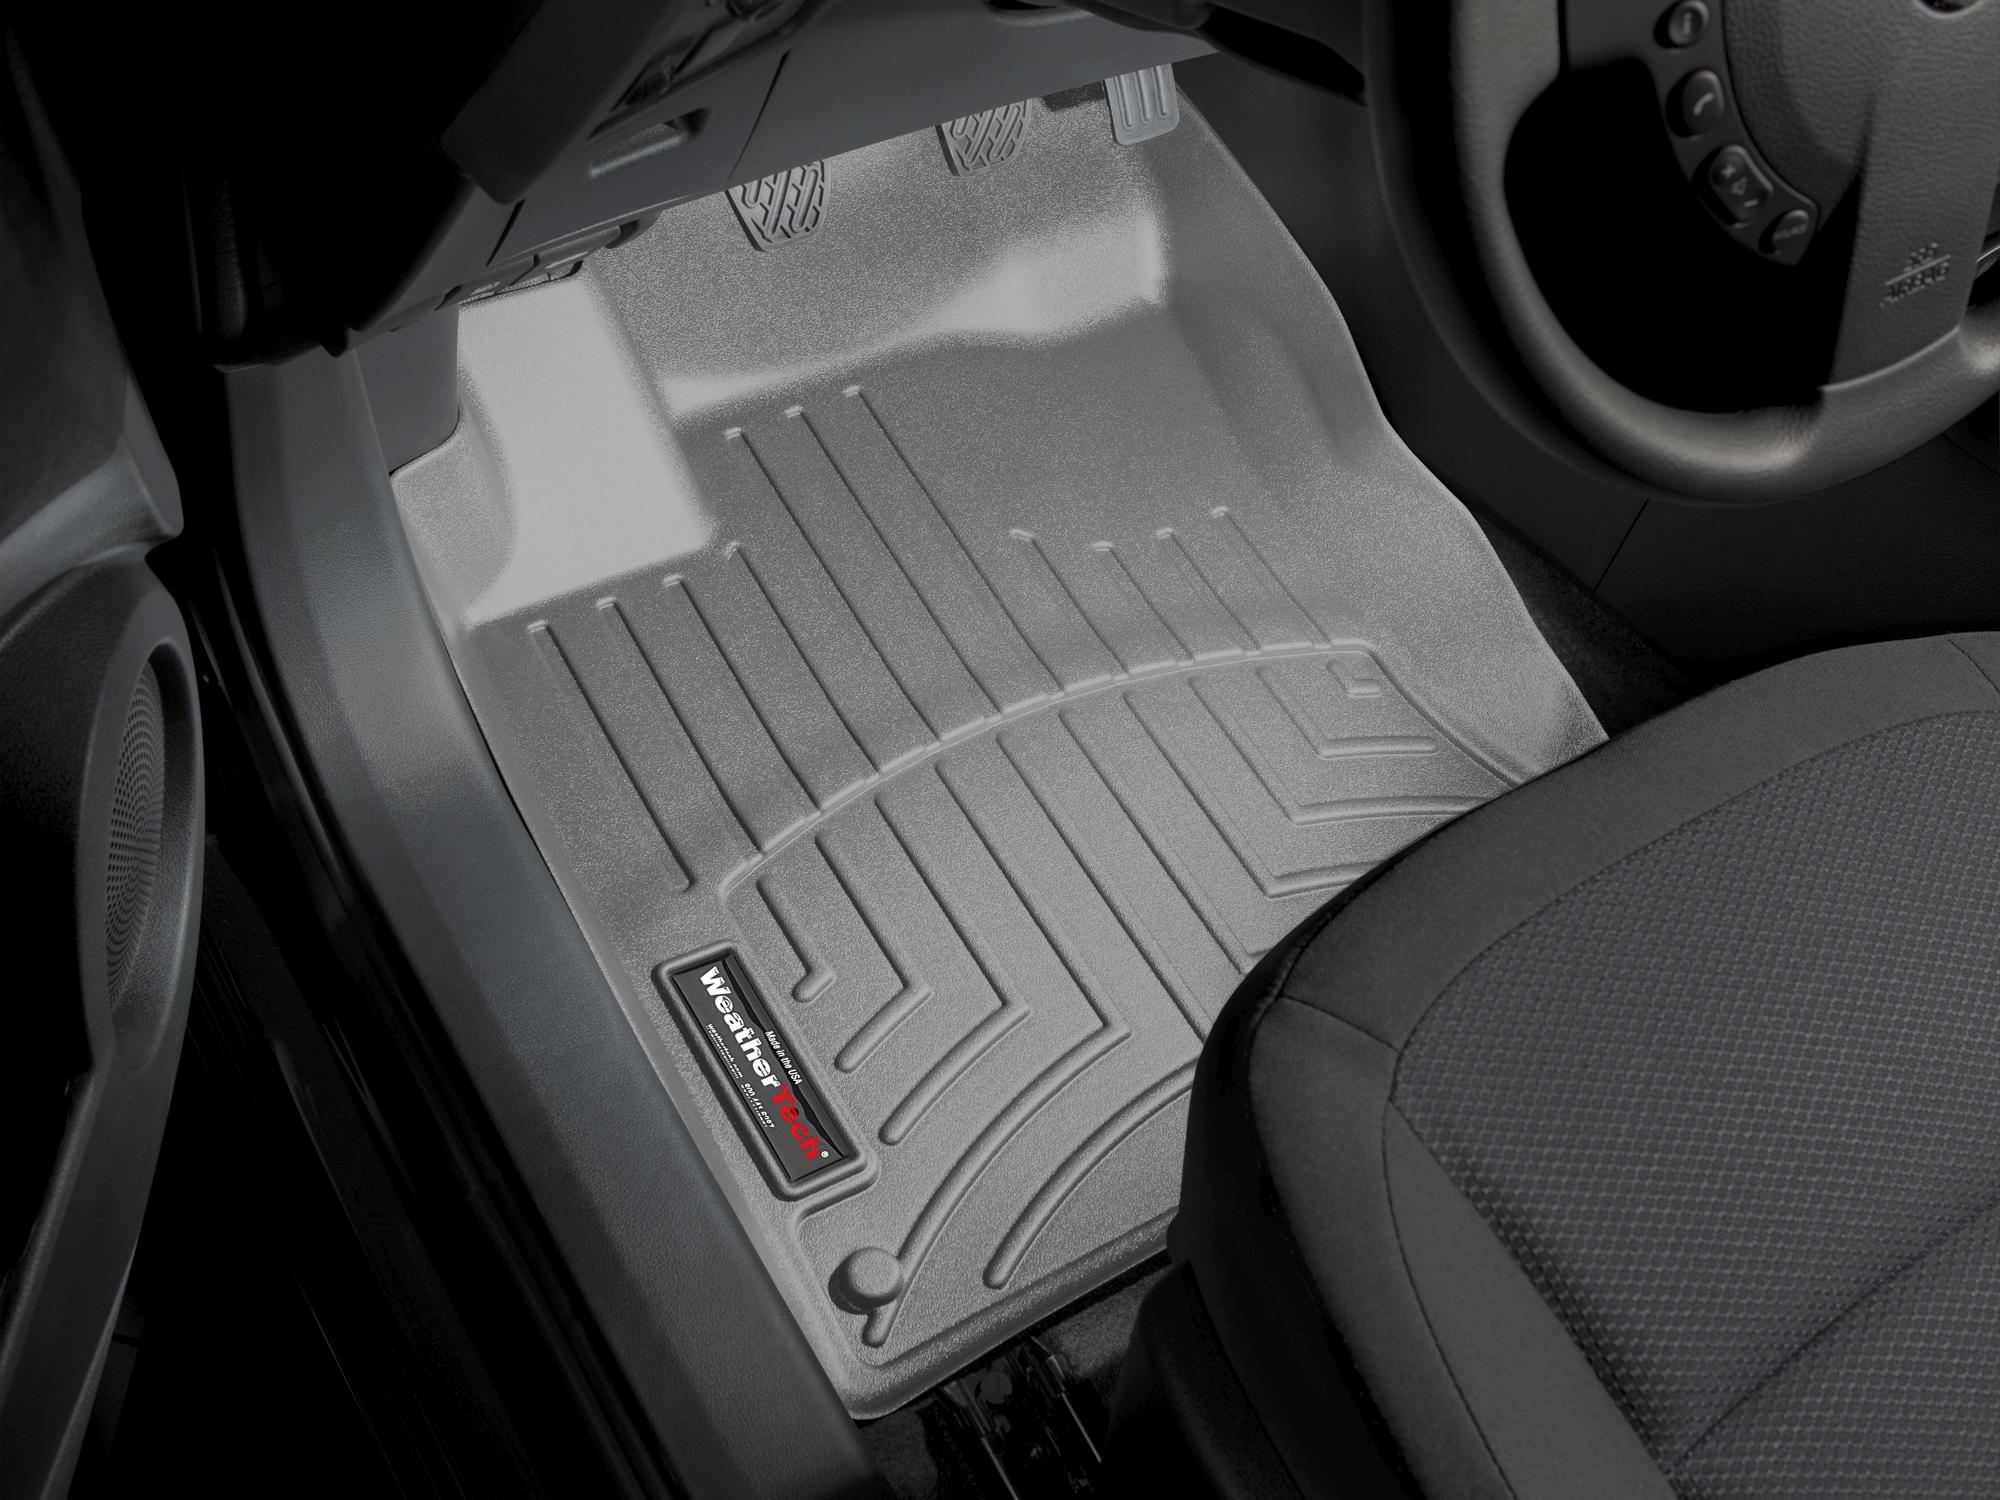 Tappeti gomma su misura bordo alto Nissan Qashqai +2 09>12 Grigio A2911